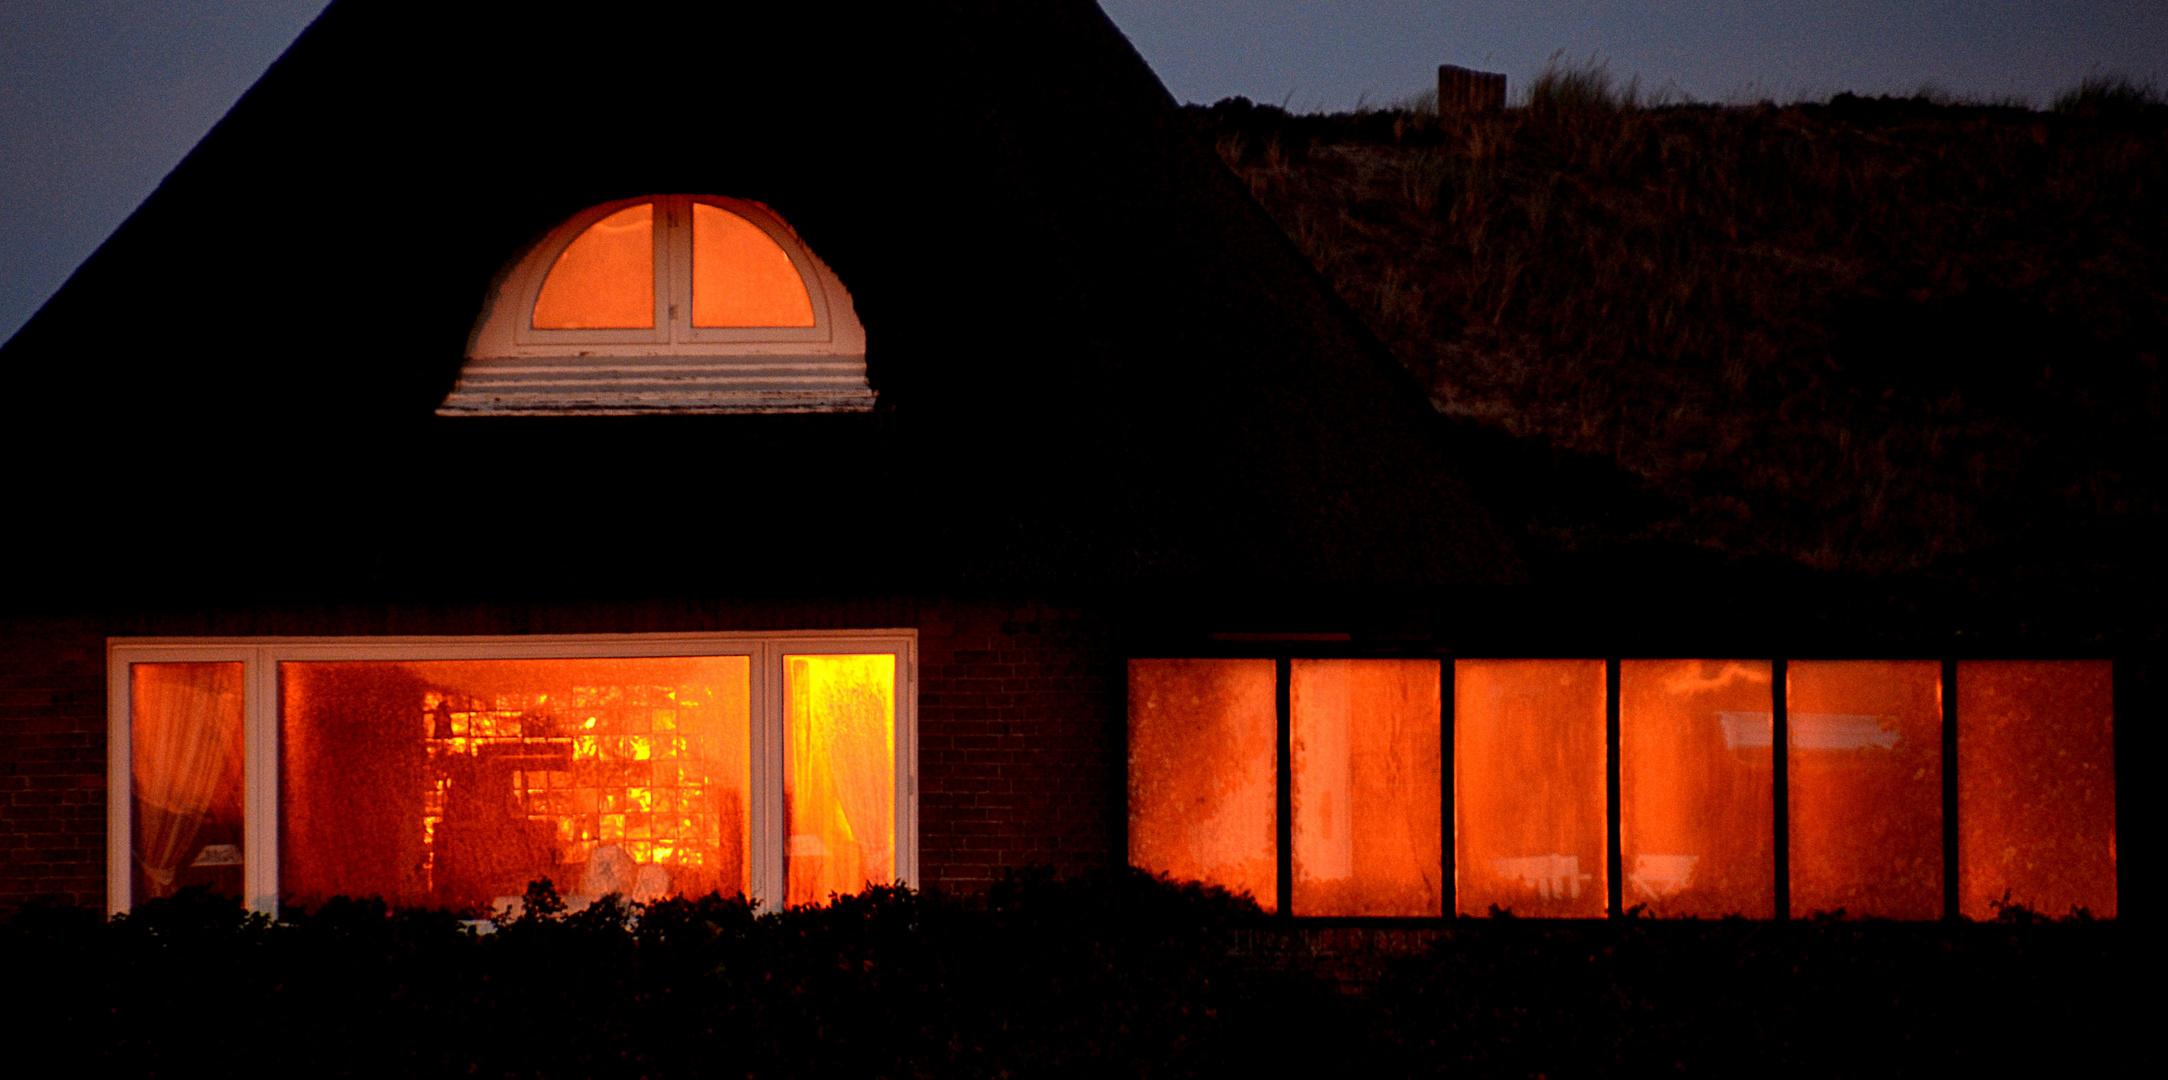 Das brennende Haus - 2. Versuch